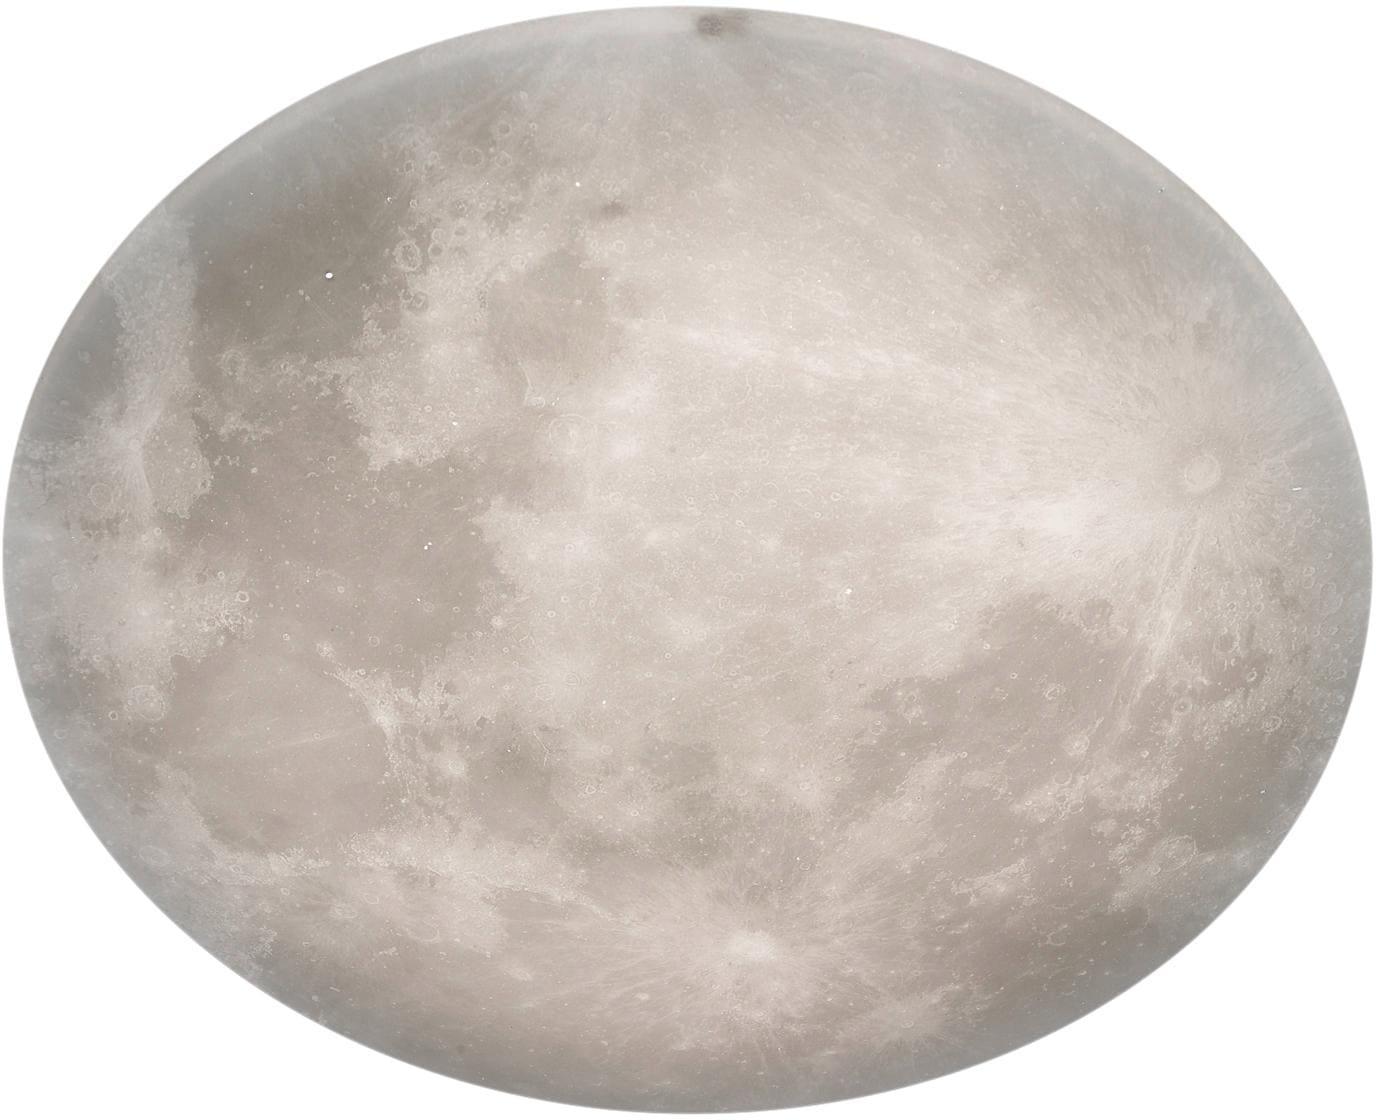 TRIO Leuchten LED Deckenleuchte Lunar, LED-Board, Warmweiß, Fernbedienung,integrierter Dimmer,Nachtlicht